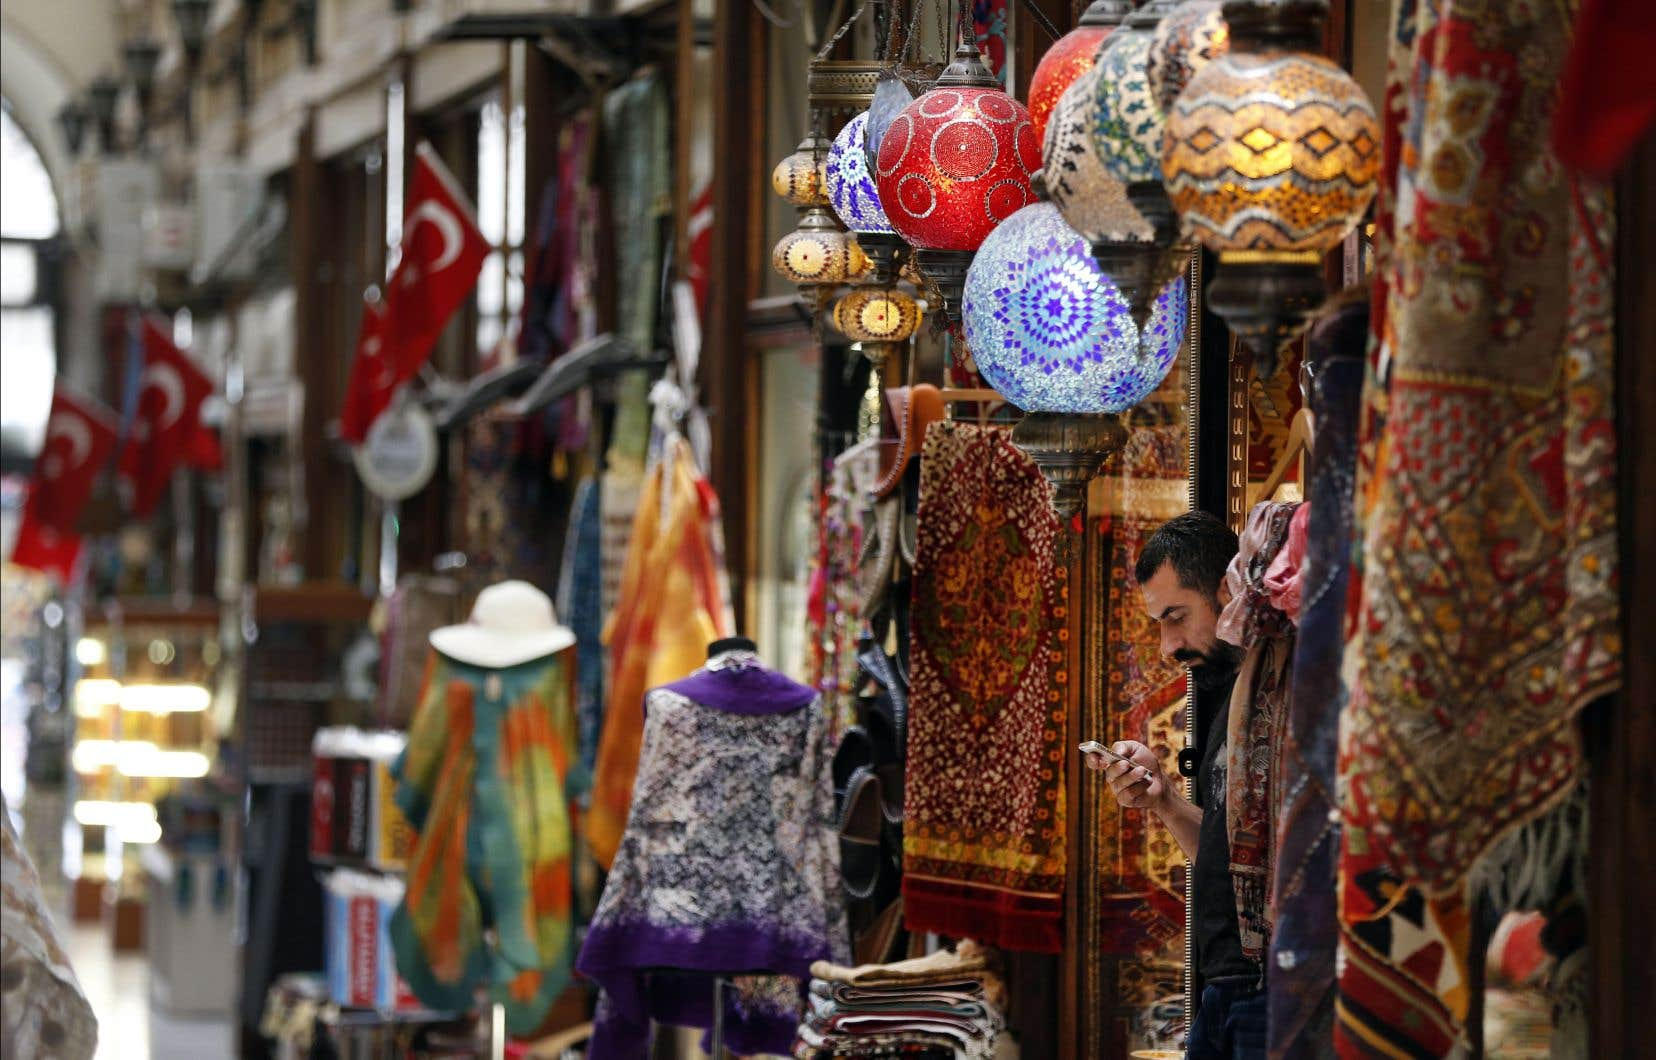 L'économie turque a été secouée ces derniers mois par l'effondrement de la monnaie nationale. Un commerçant attendait des clients, dans un marché à Istanbul, jeudi.